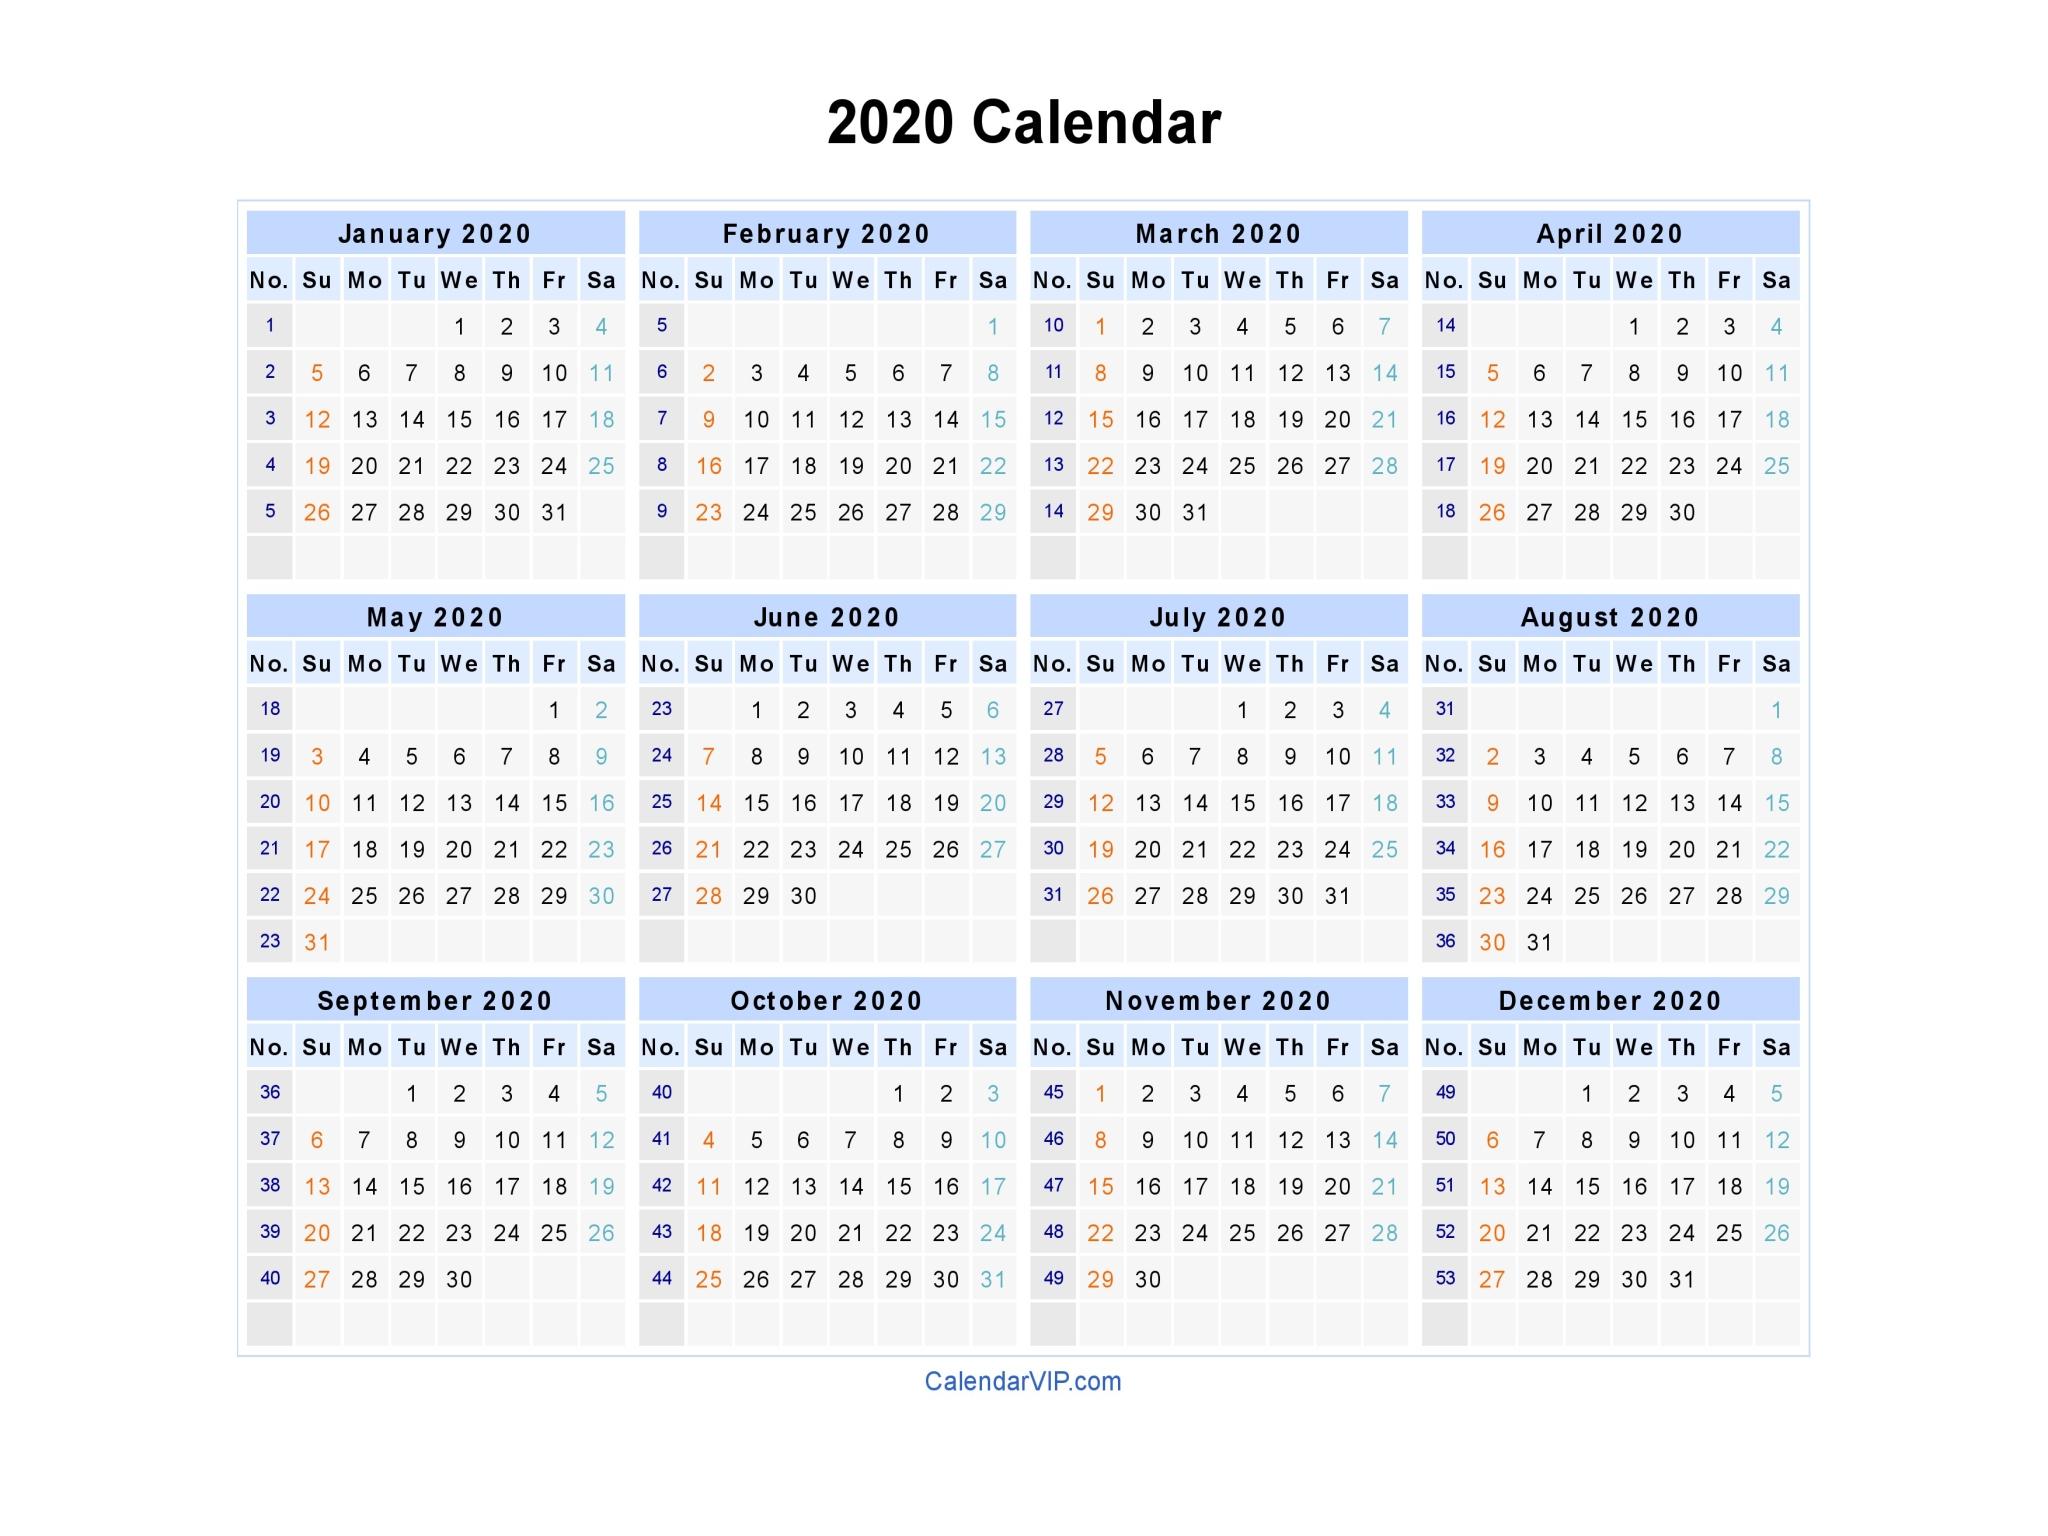 2020 Calendar - Blank Printable Calendar Template In Pdf Word Excel